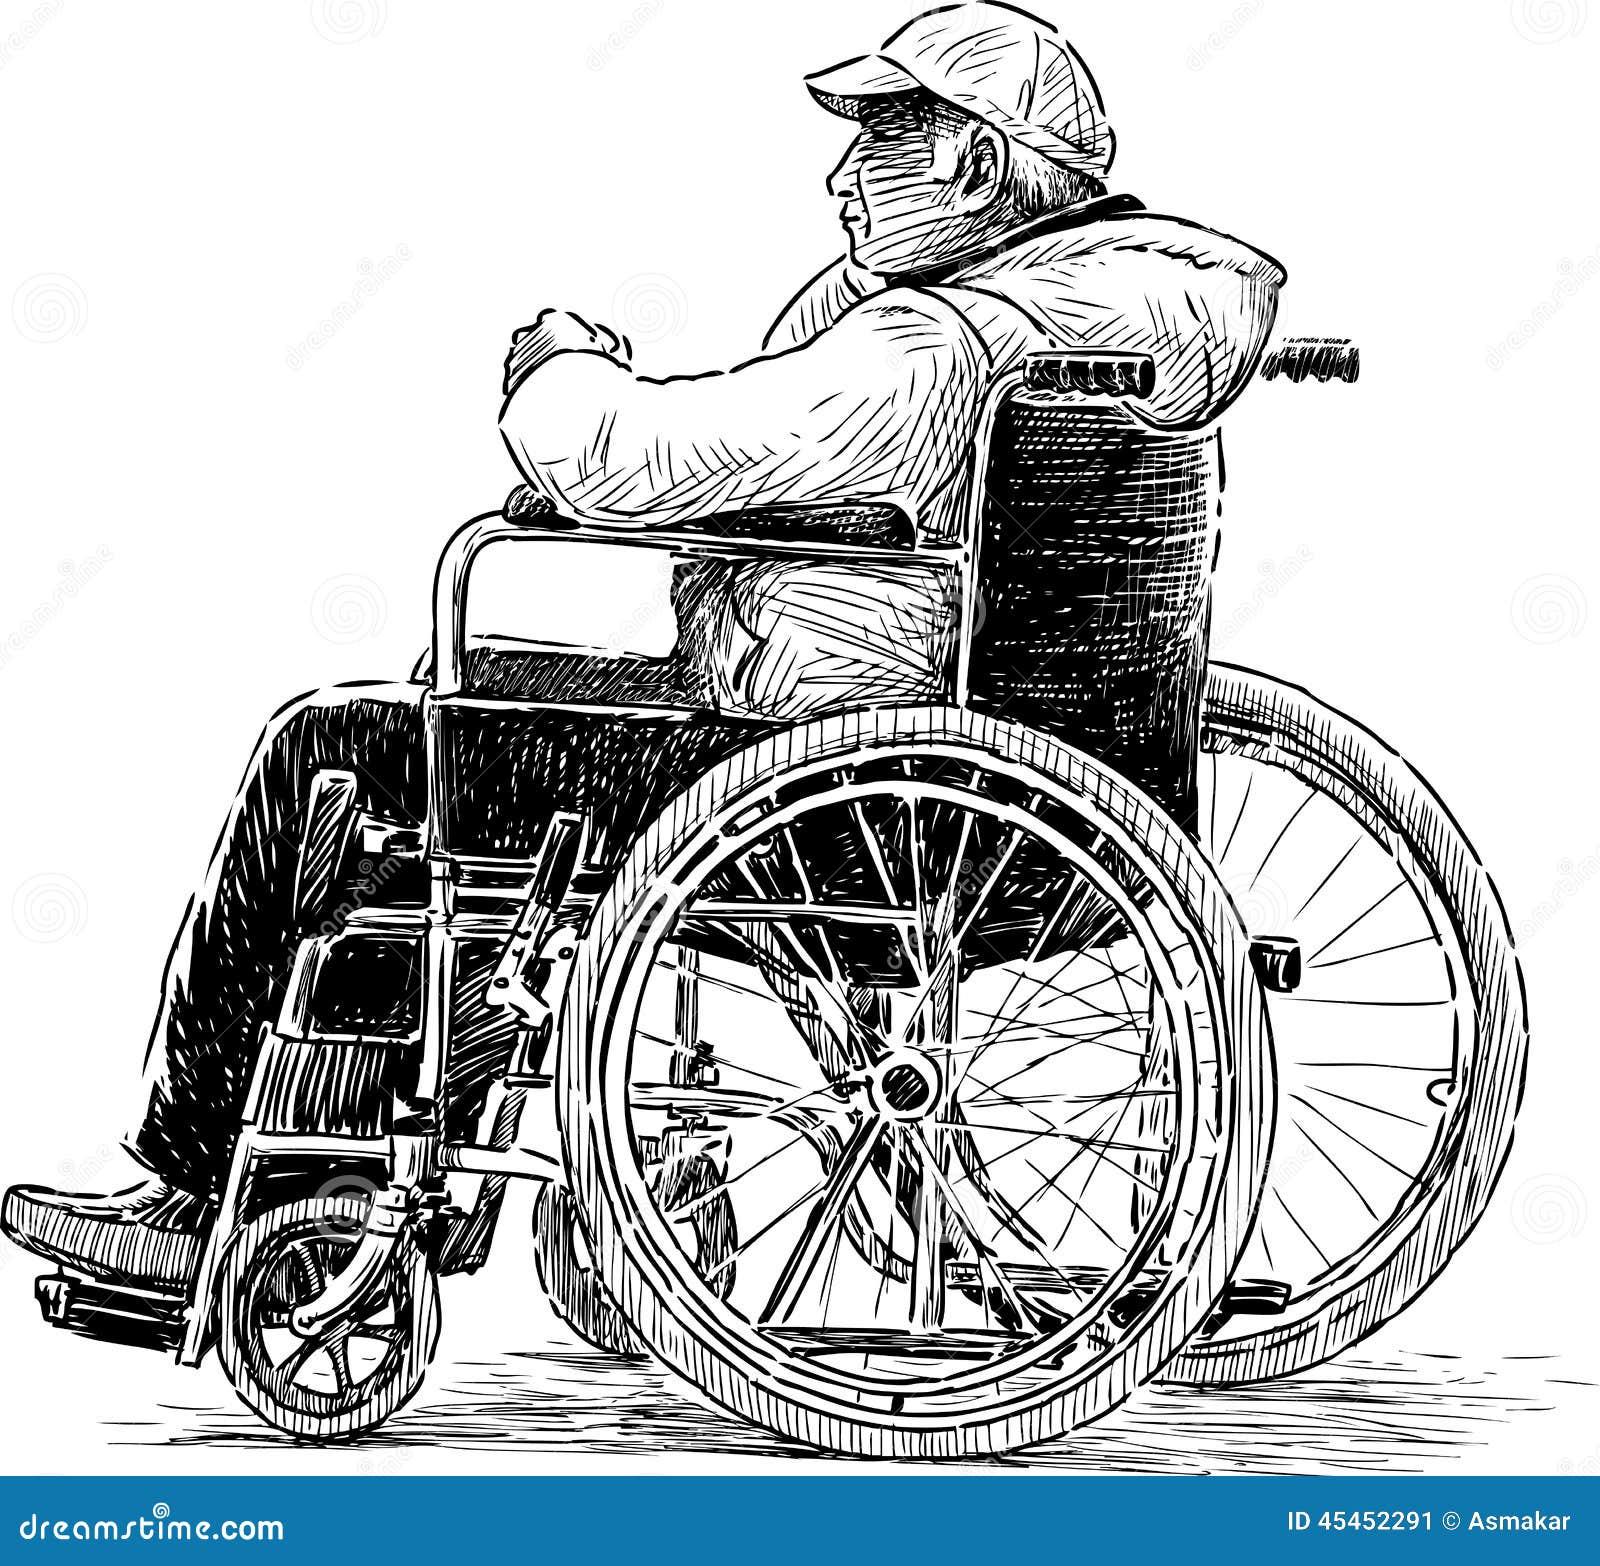 M czyzna w zek inwalidzki ilustracja wektor ilustracja for Sedie design dwg